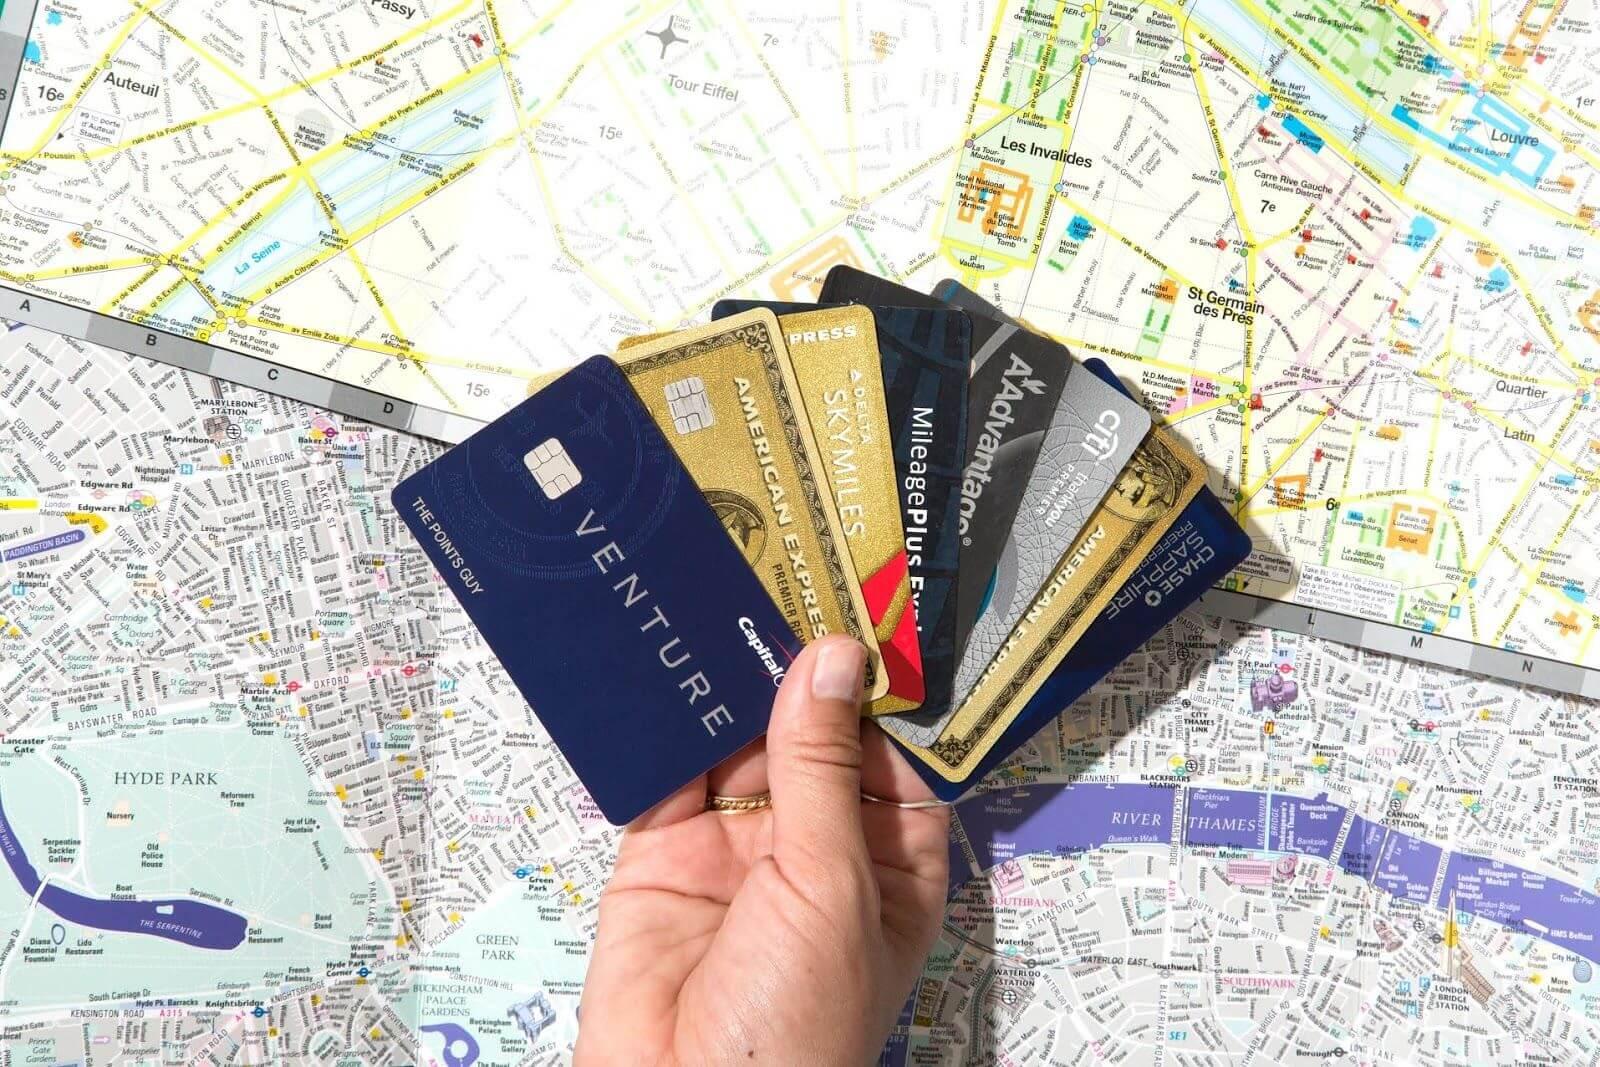 Kartu Kredit Untuk Liburan - Tips Memilih Manfaat Kartu Kredit Berdasarkan Kegunaannya